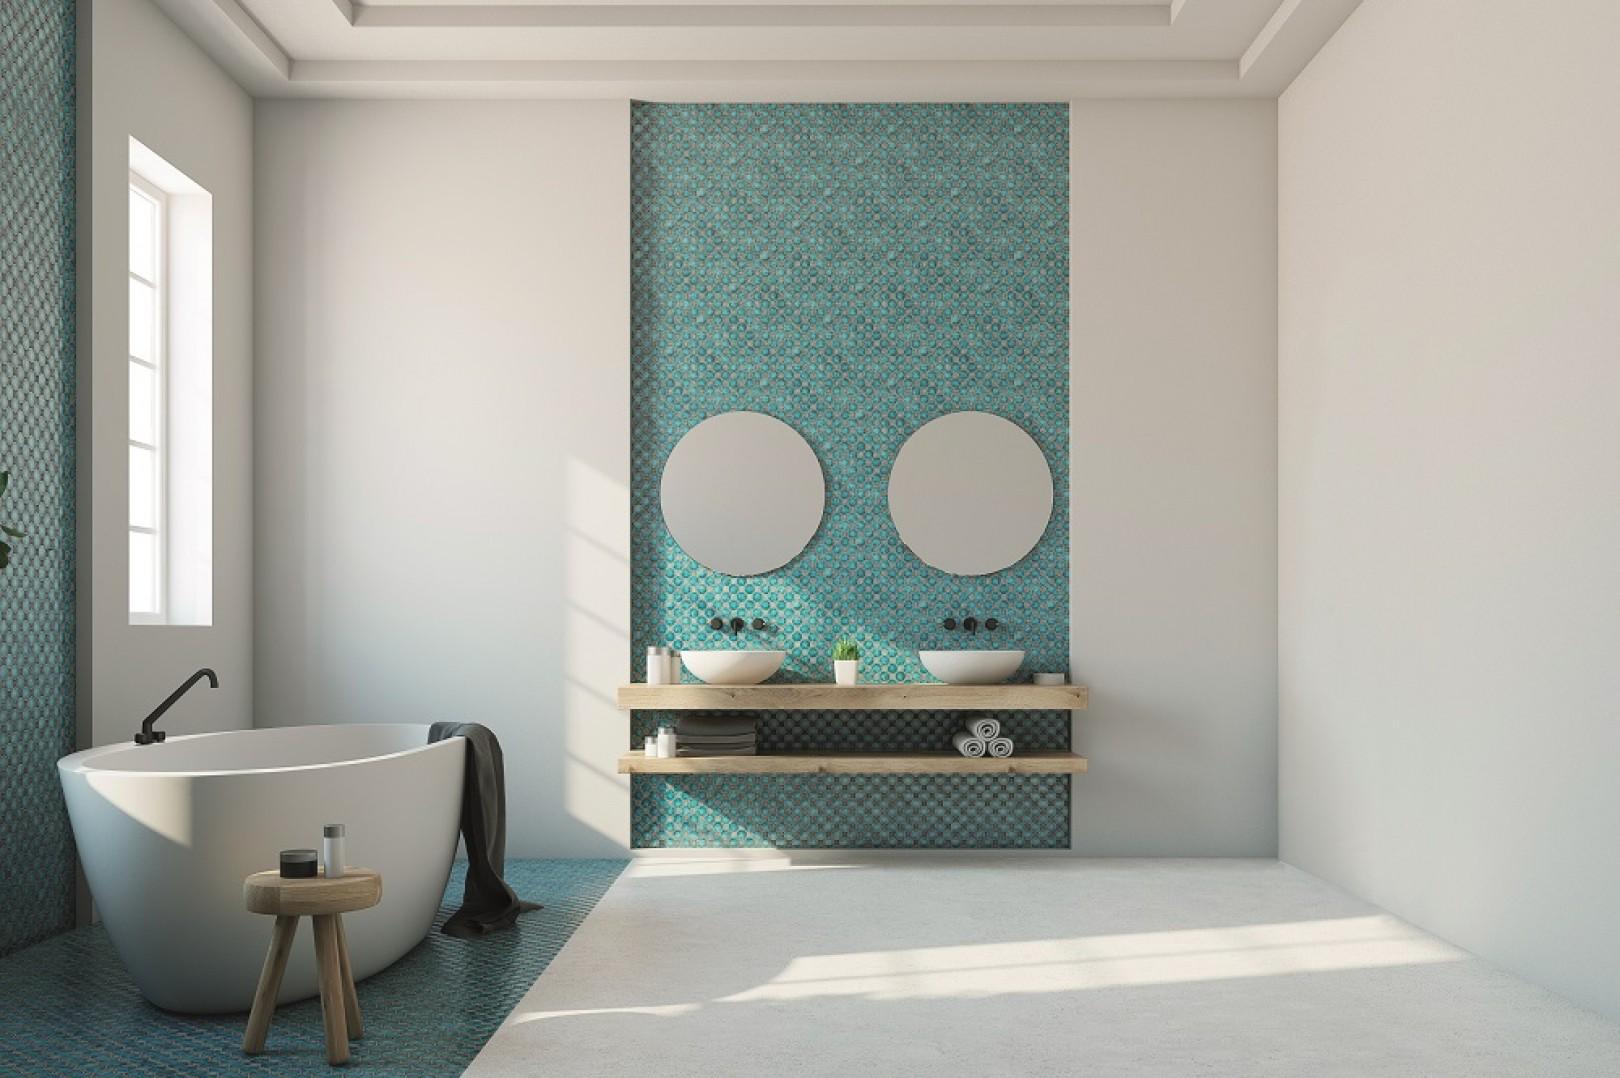 casa_banho_branco_azul